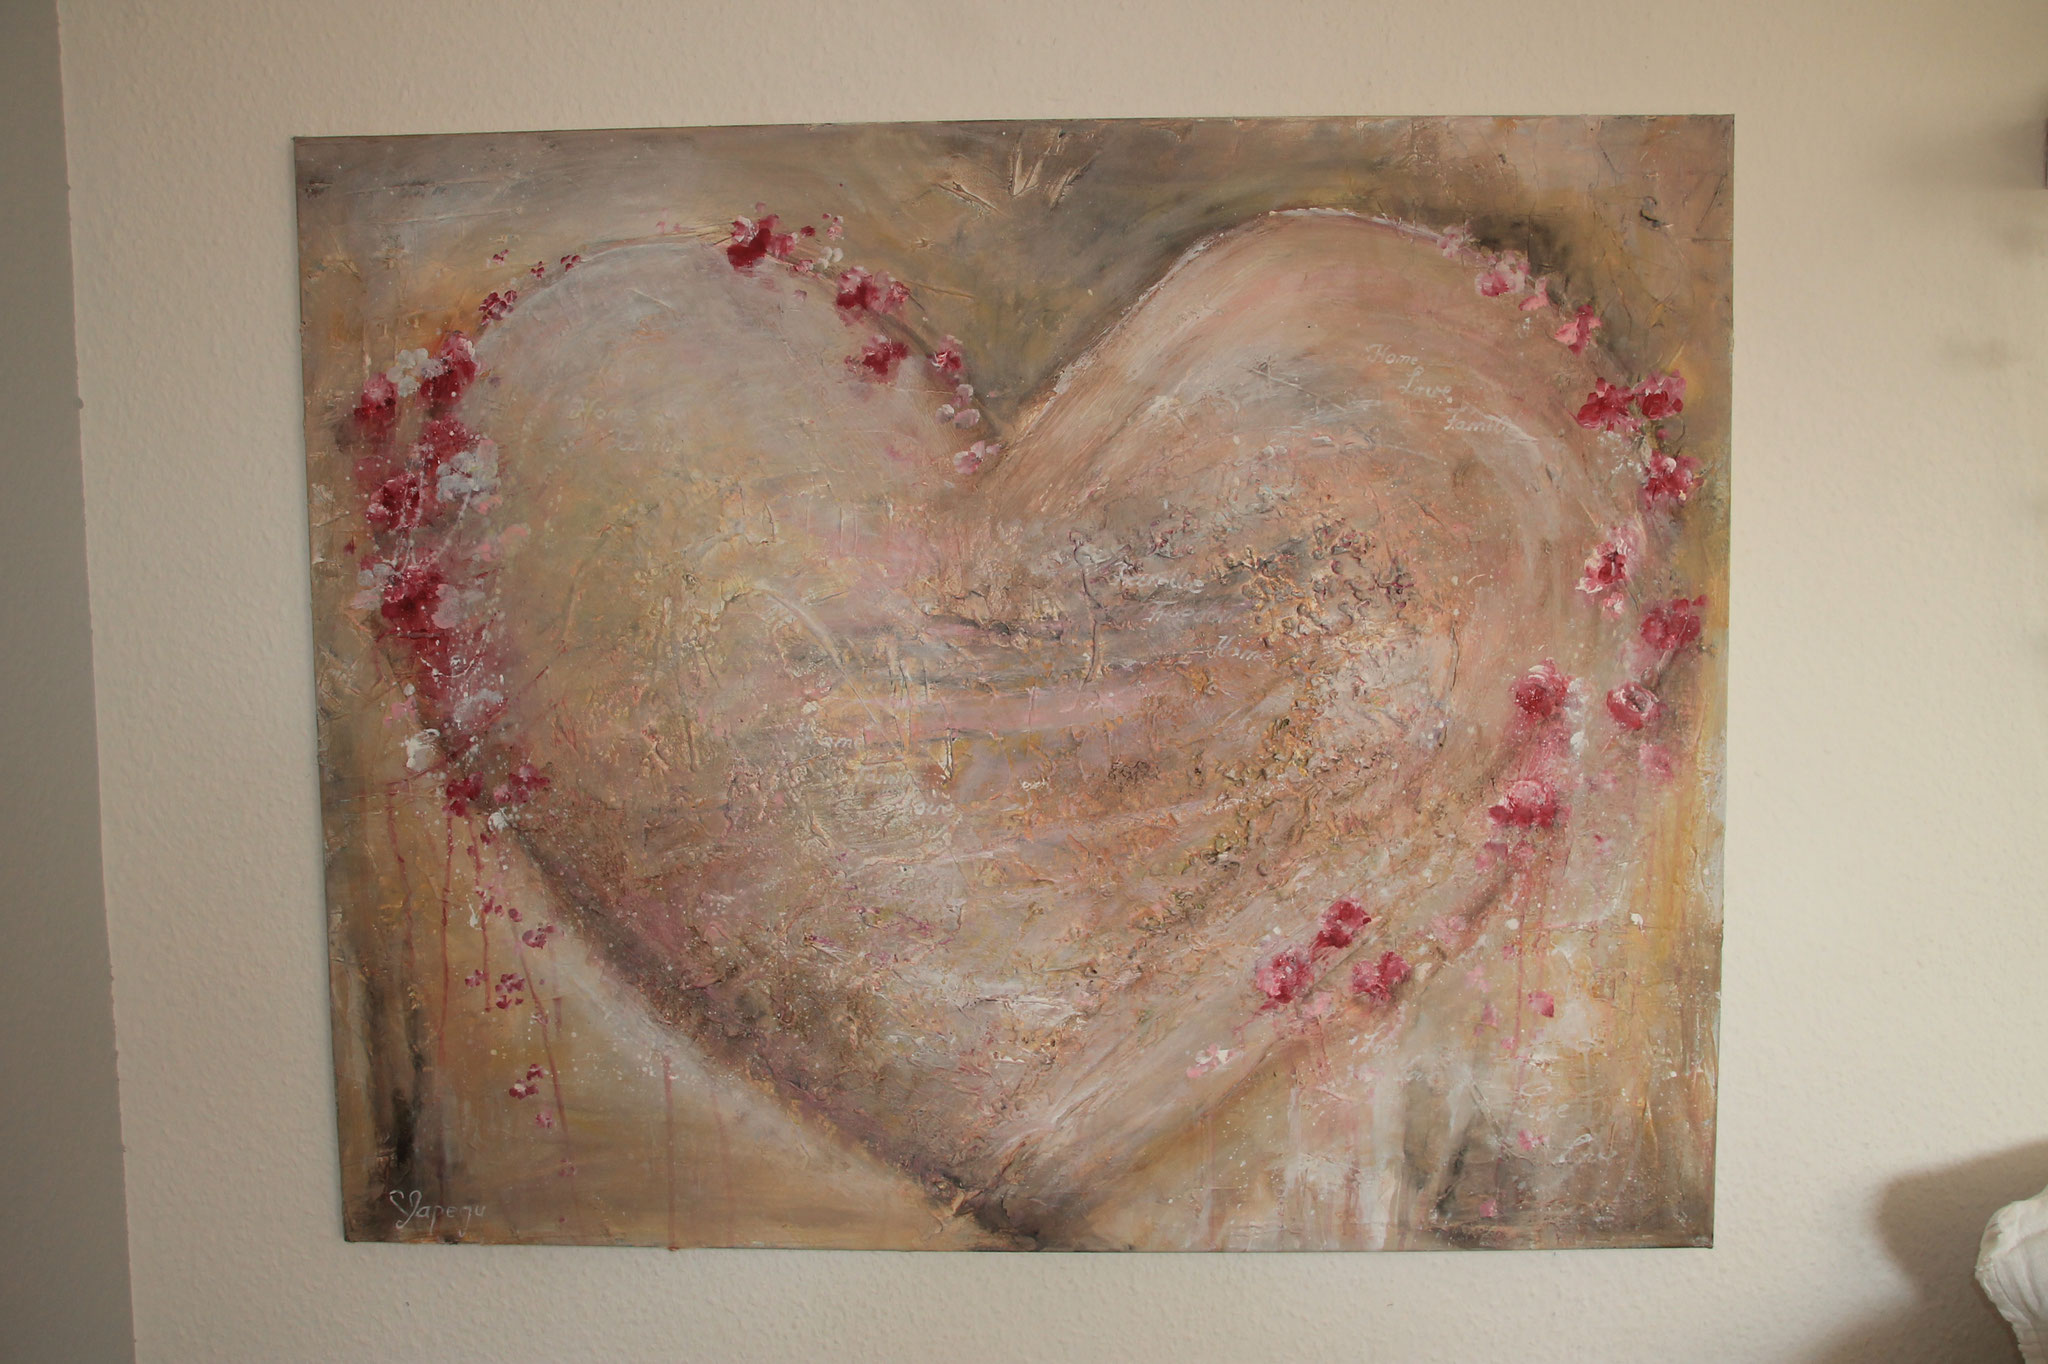 80 x 100 cm Acryl, Paste und Tee  auf Leinwand